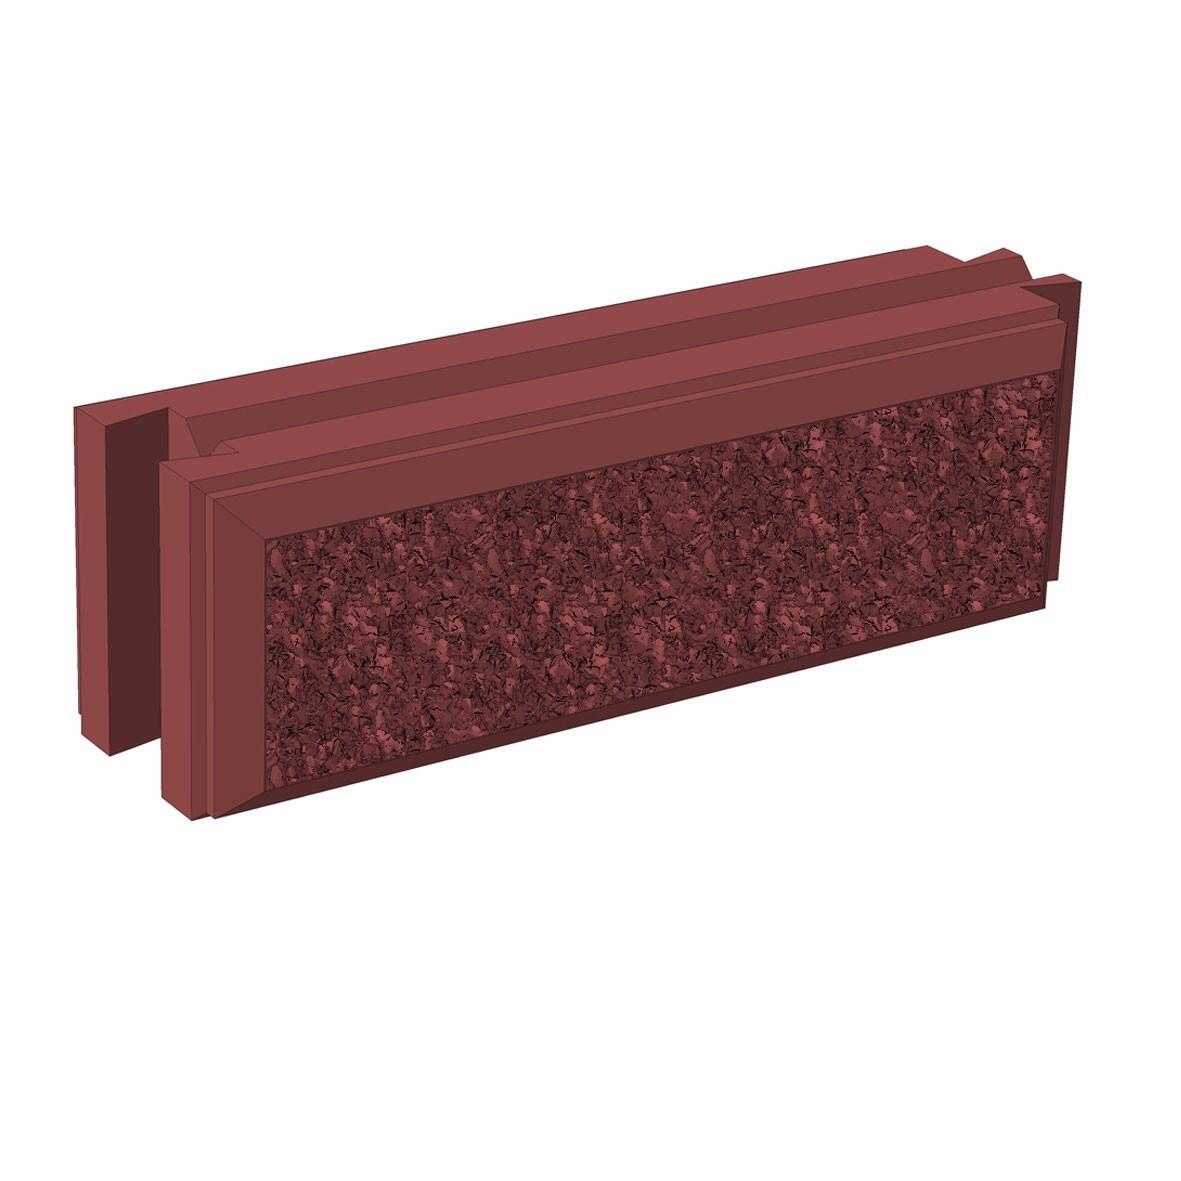 Бетонный блок Brick для забора рядовой вид с переди